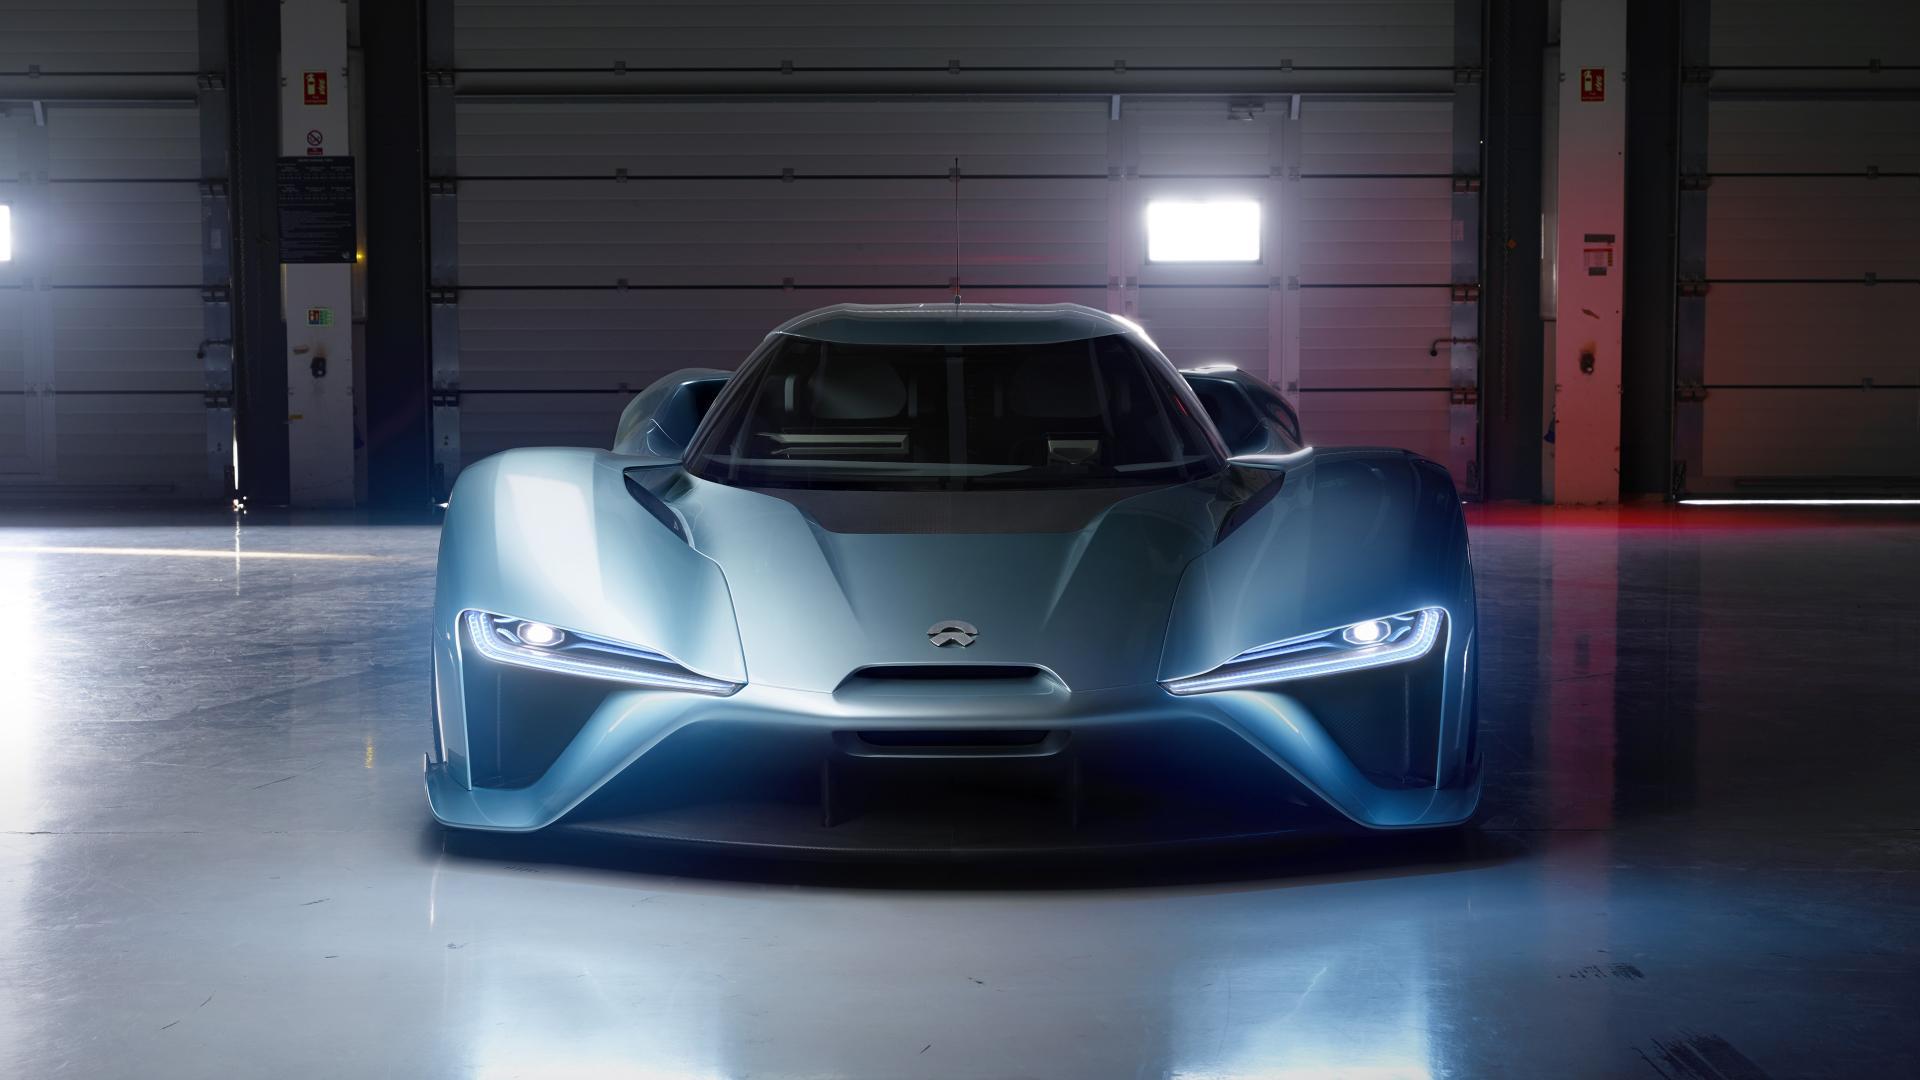 Elektroauto-Start-up Nio: Wie weit geht die Korrektur?